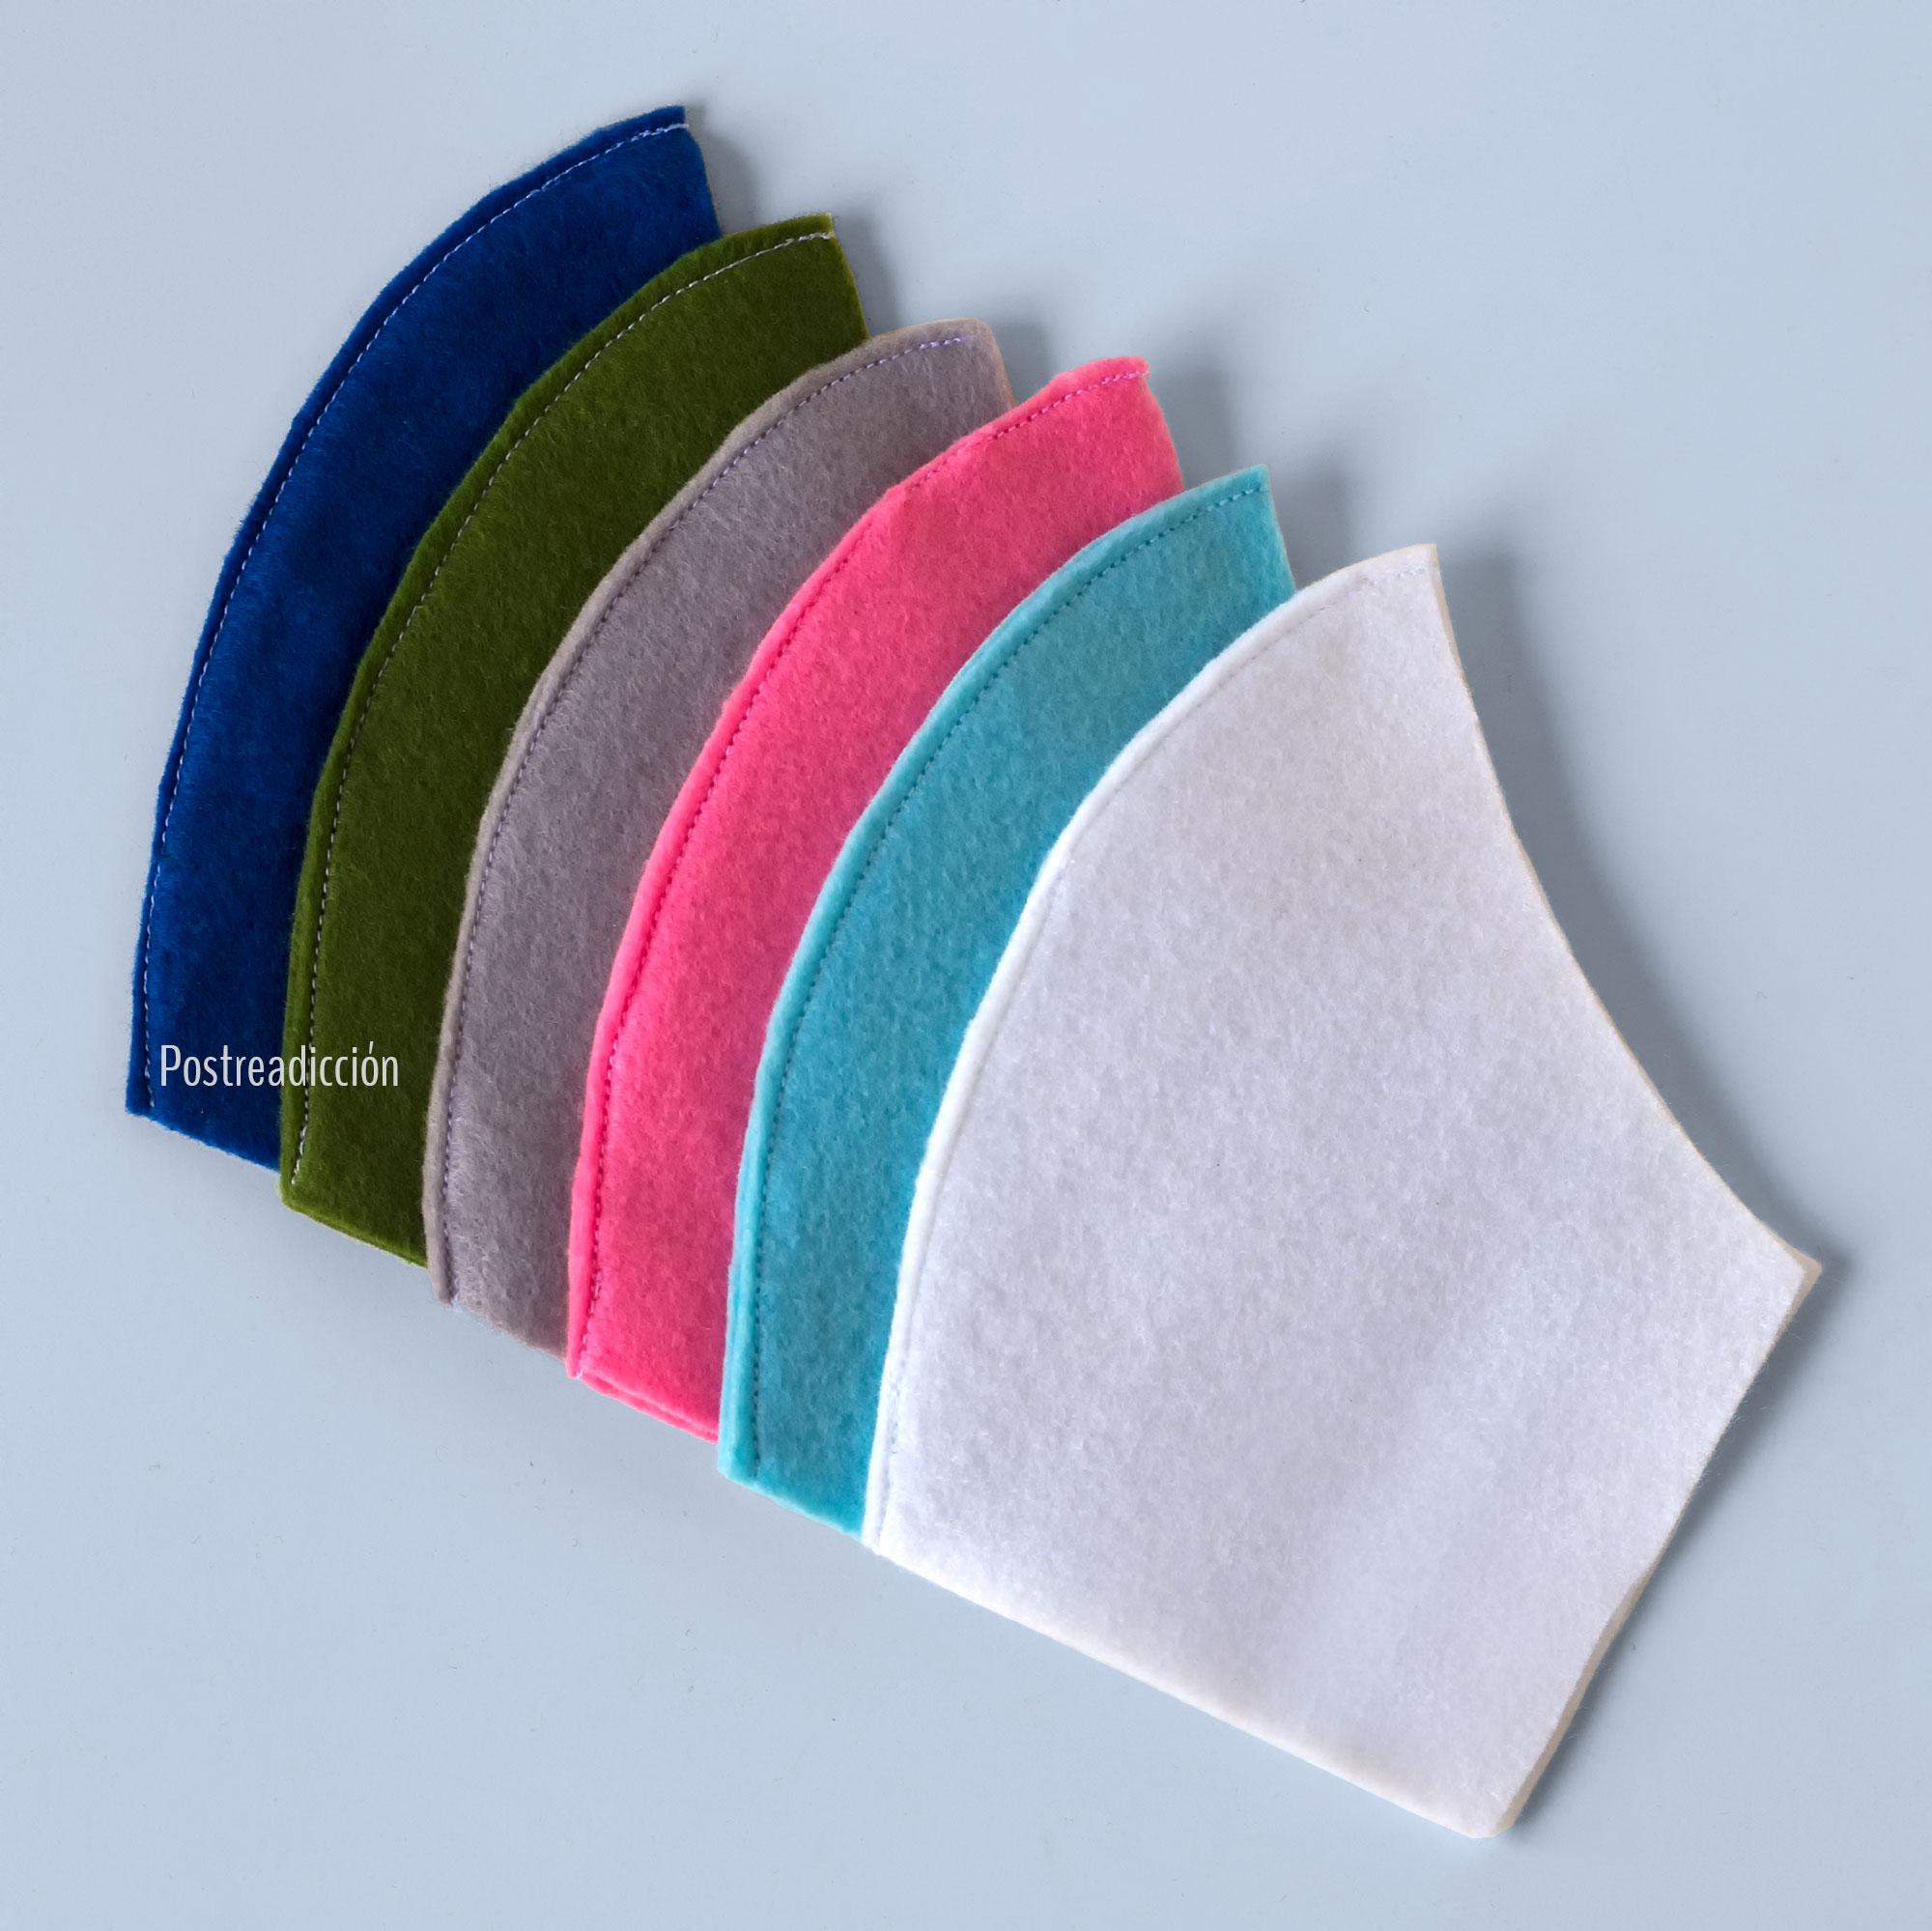 Imagen de producto: https://tienda.postreadiccion.com/img/articulos/secundarias13398-mascarilla-de-snoopy-azul-2.jpg